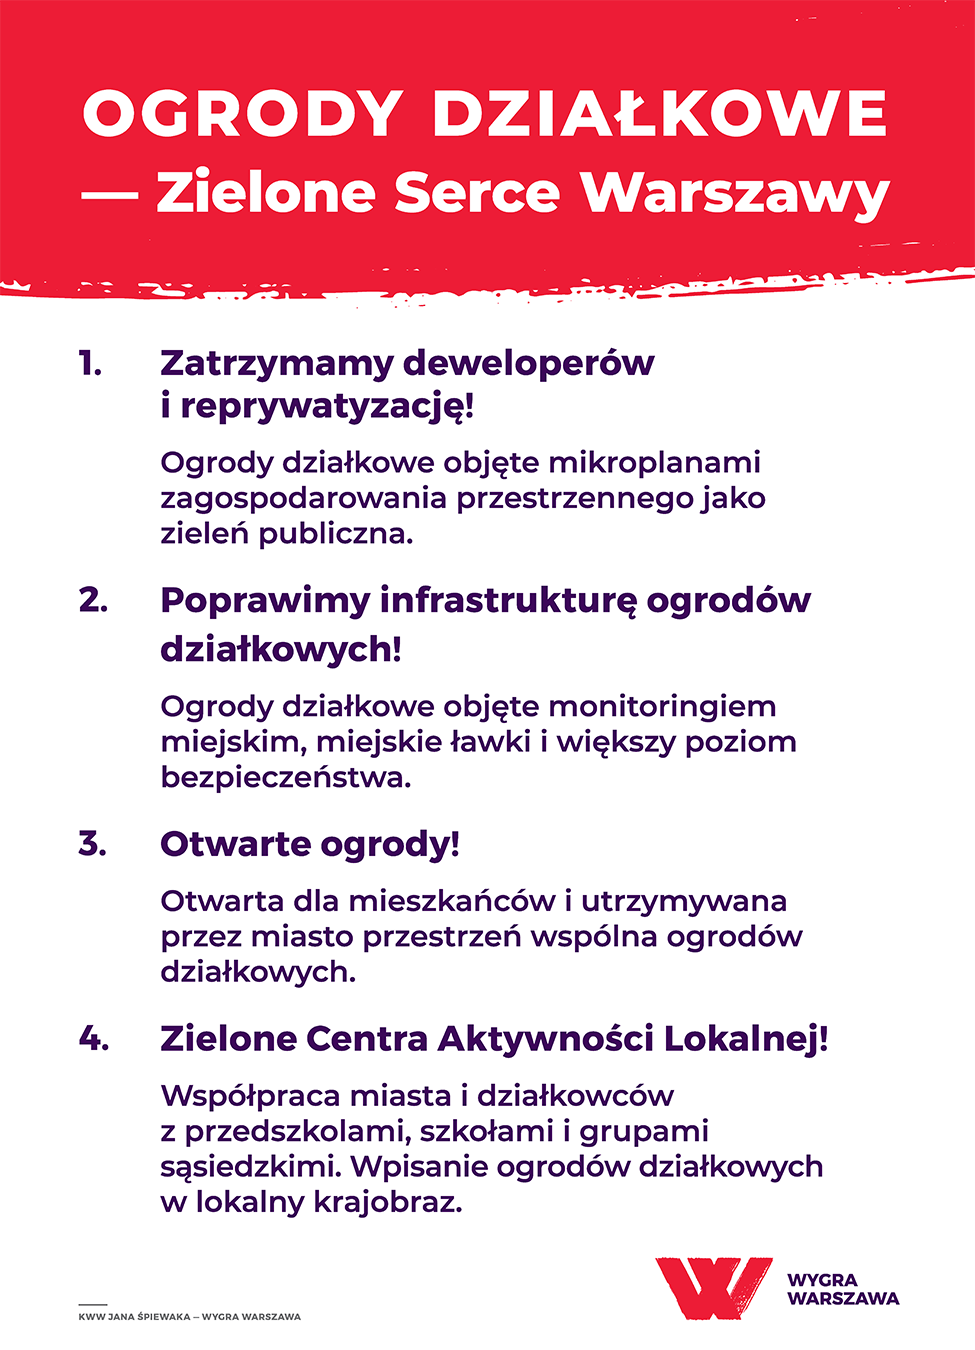 Ogrody działkowe - zielone serce Warszawy Zajmują dwa procent powierzchni miasta, dzielą się na 160 ogrodów i prawie 30 tysięcy osobnych ogródków. Najstarszy z nich – Rodzinny Ogród Działkowy przy Odyńca został założony w… 1902 roku. Komitet Wygra Warszawa przedstawił szereg sposób na ochronę terenów zielonych w mieście.